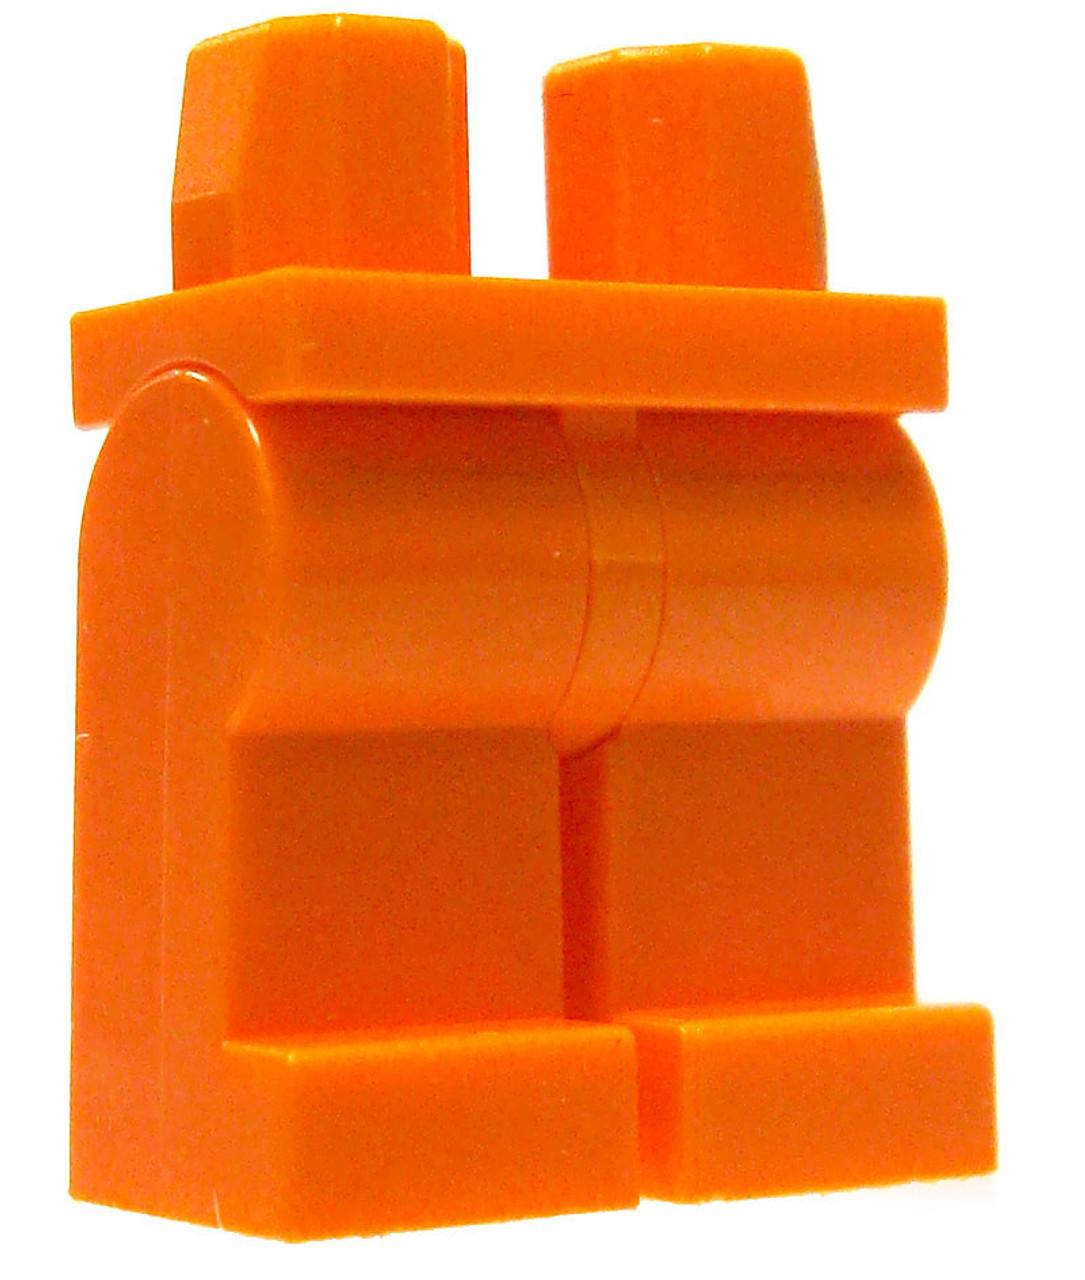 Slope 45 2x2 lot kg NEW NEUF Choisissez votre couleur Lego 3039-5x Pente